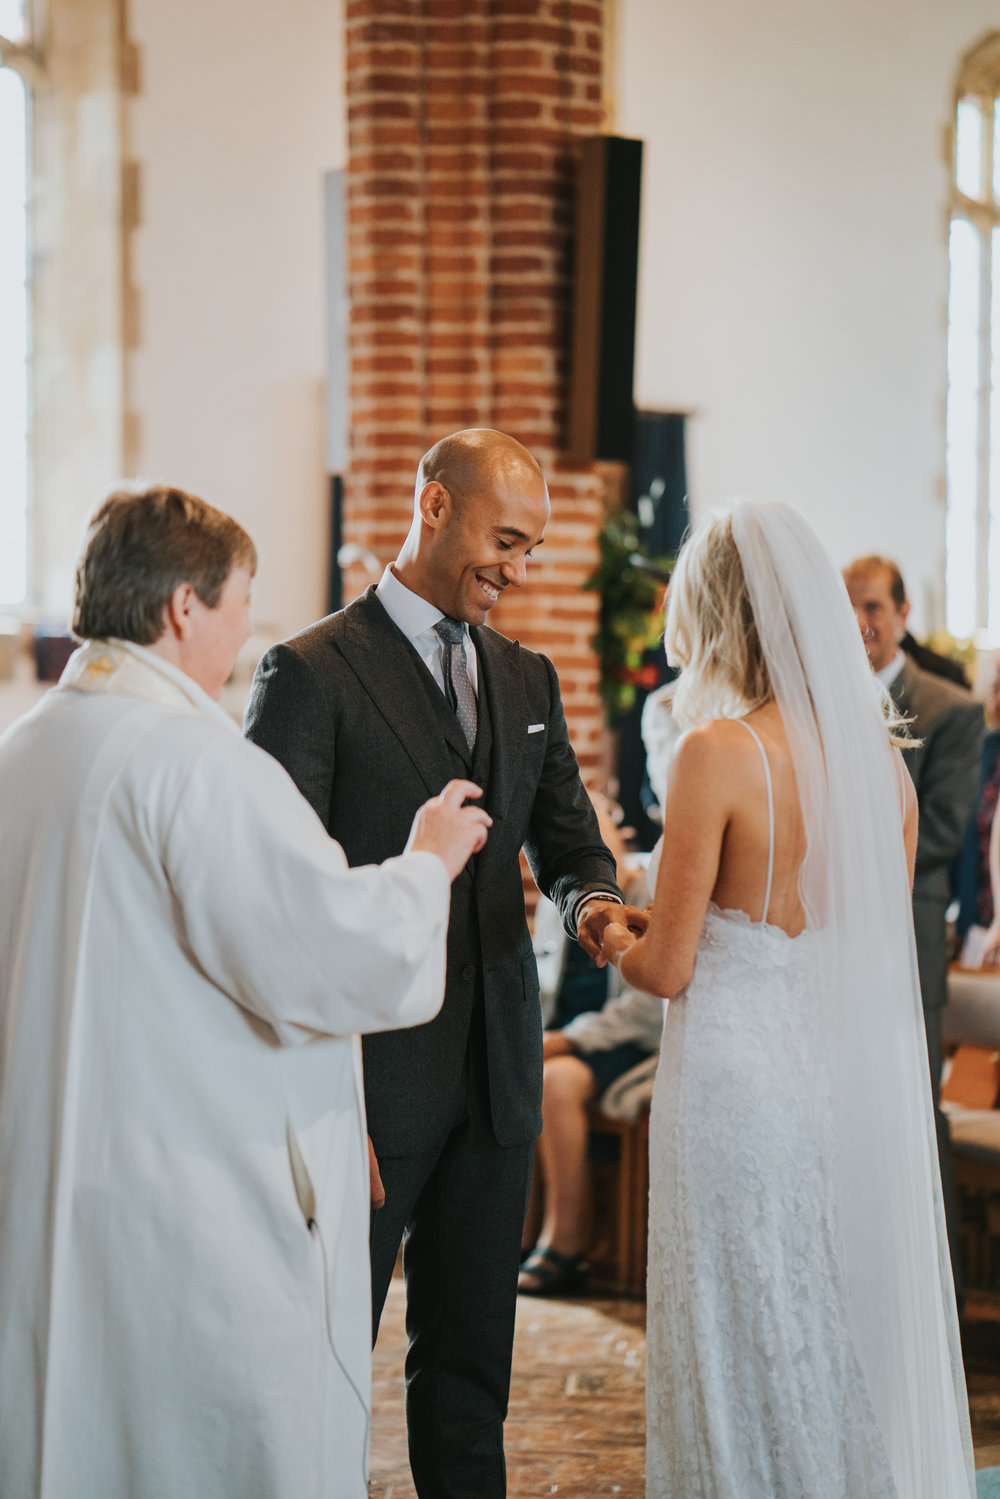 intimate-english-church-wedding-sarah-alex-colchester-essex-grace-elizabeth-colchester-essex-alternative-wedding-lifestyle-photographer-essex-suffolk-norfolk-devon (50 of 92).jpg